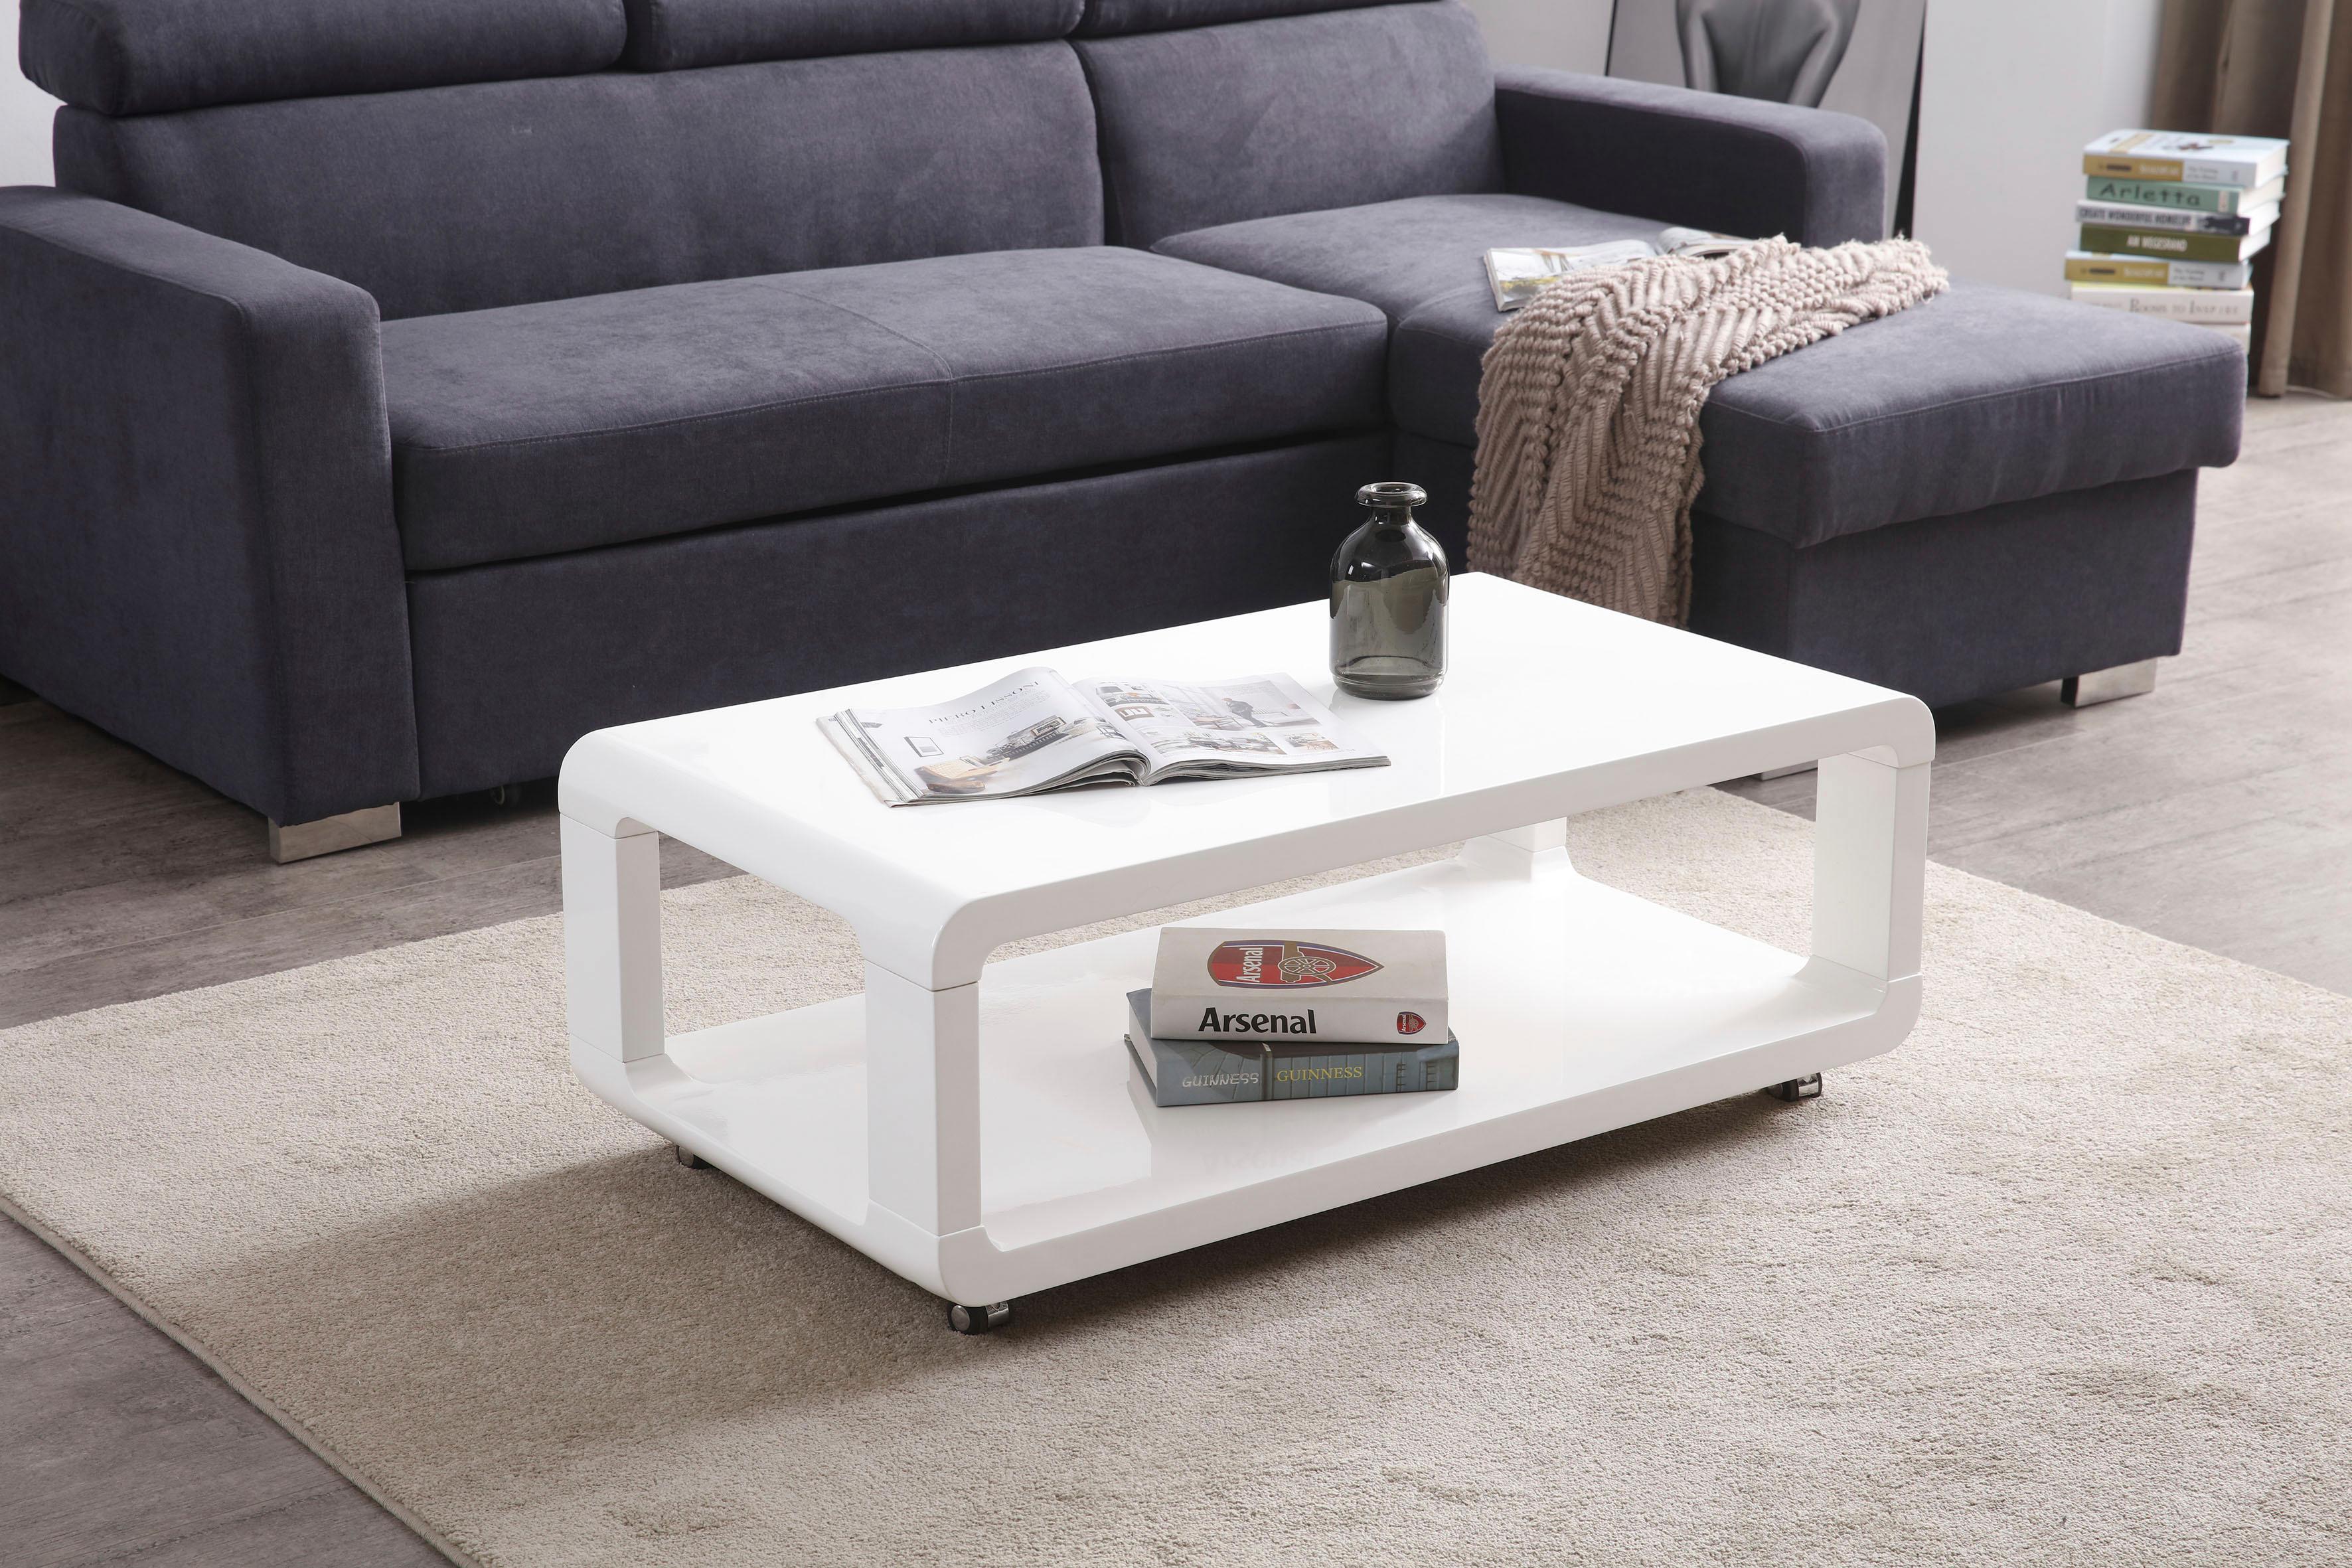 couchtisch auf rollen preisvergleich die besten angebote online kaufen. Black Bedroom Furniture Sets. Home Design Ideas